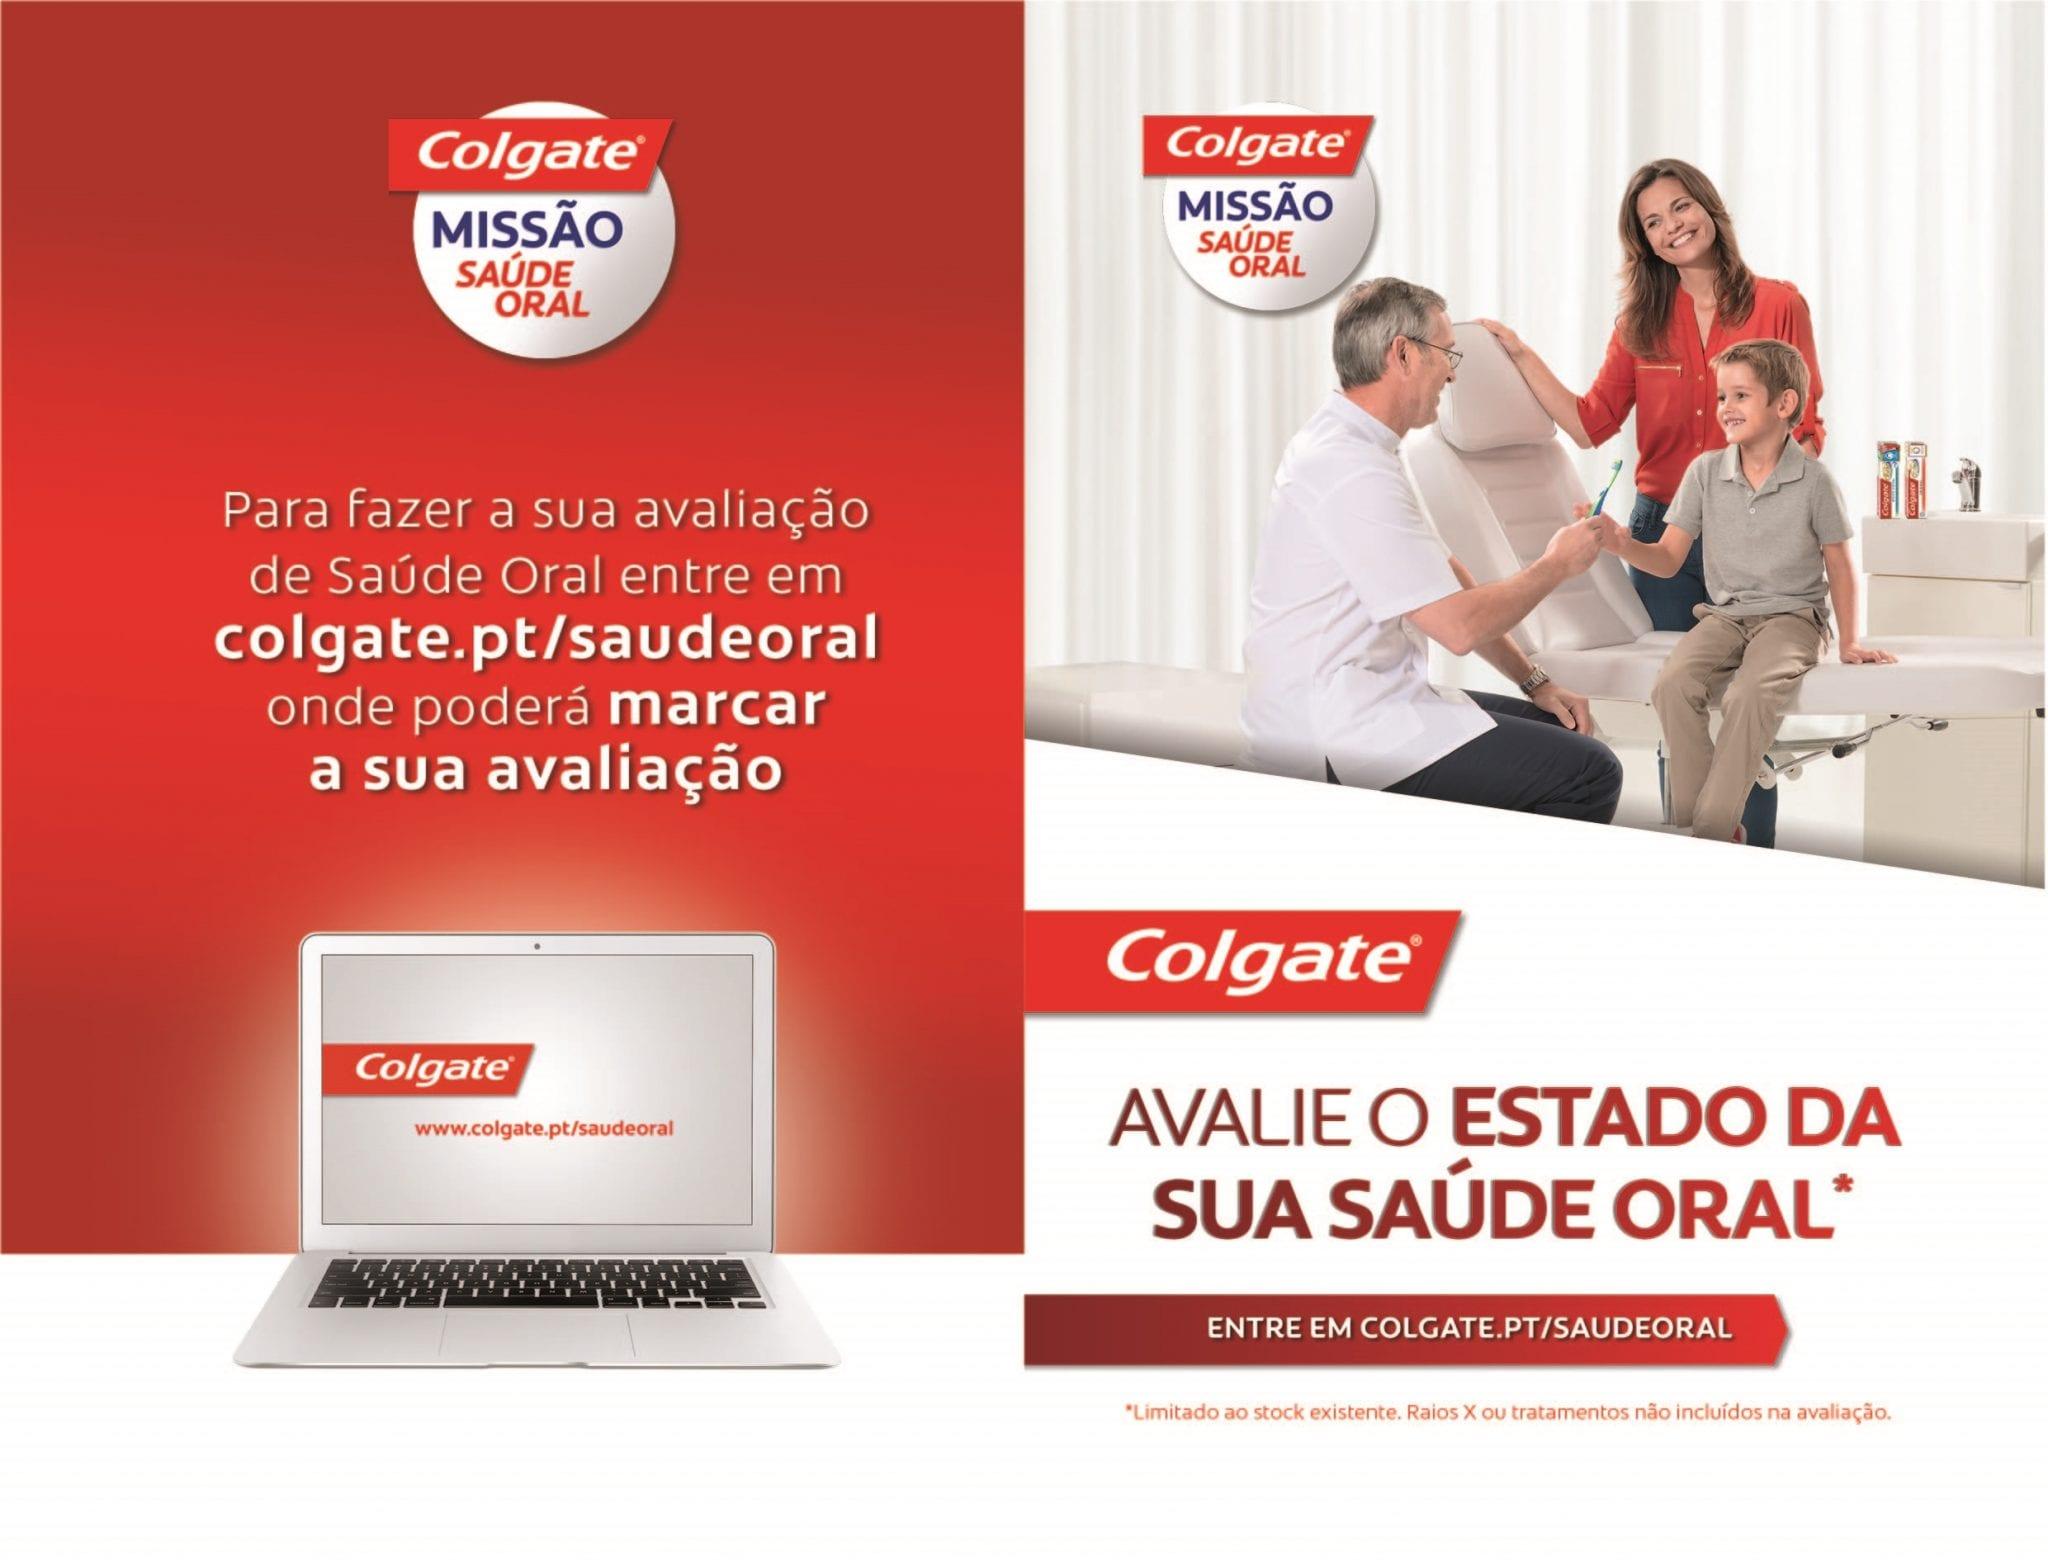 Colgate_Missão Saúde Oral_1